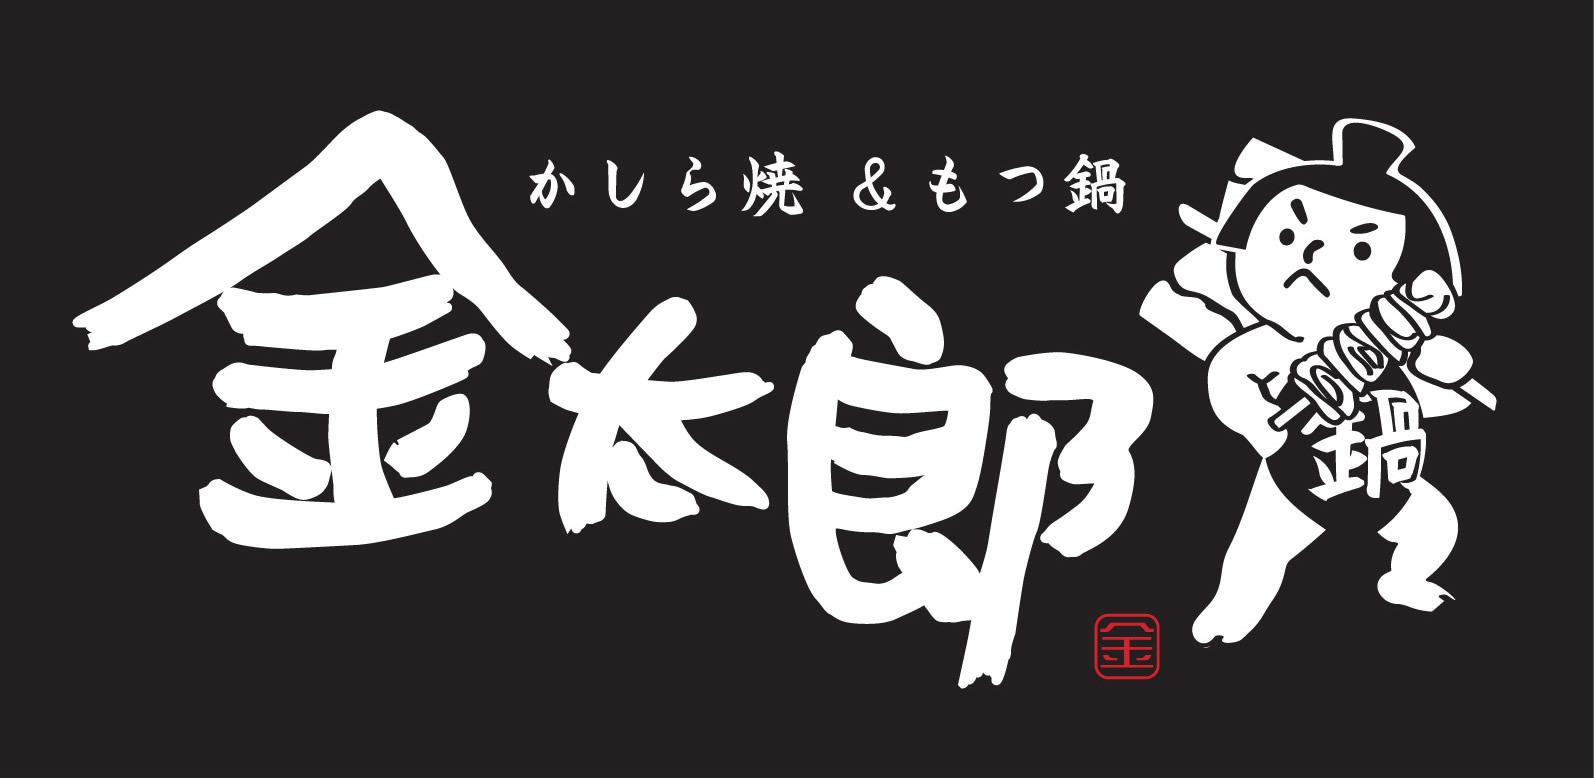 かしら焼き&もつ鍋 金太郎 新宿店|鍋料理